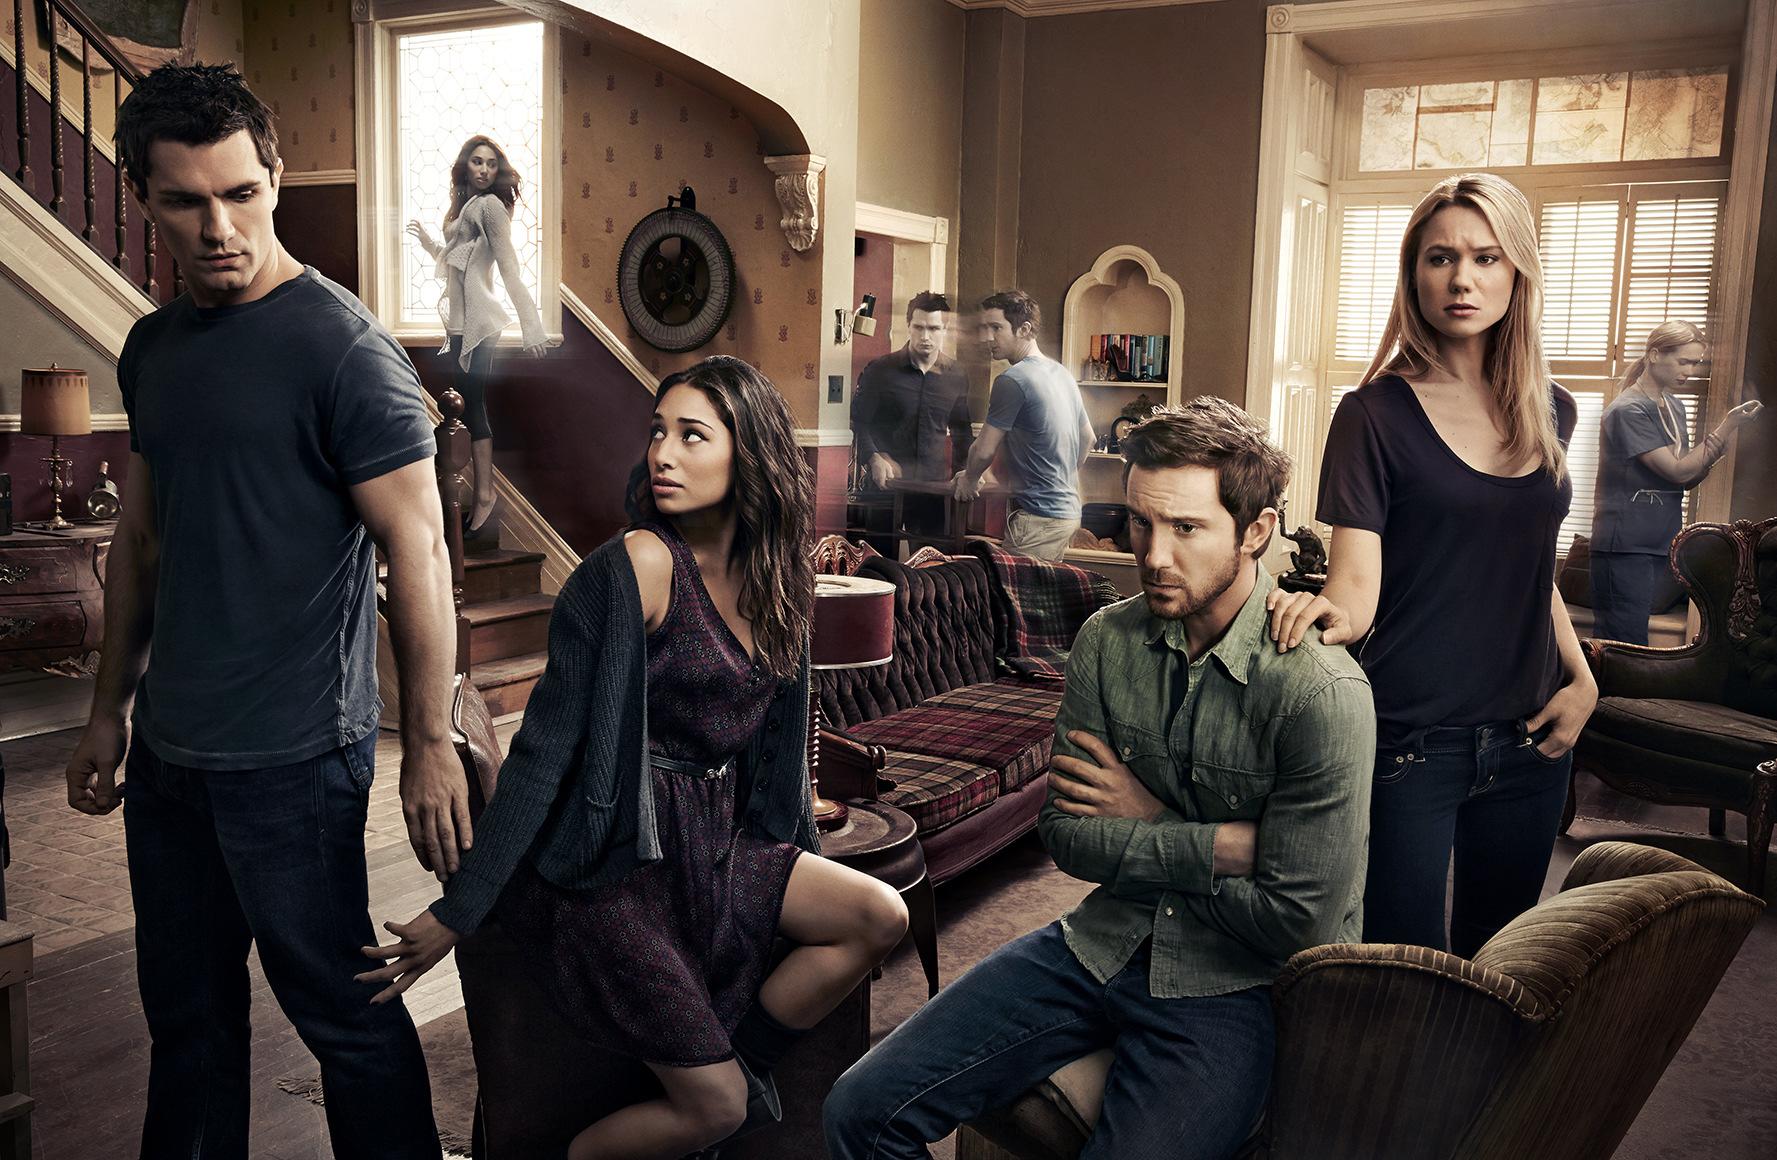 eine wg mit biss sixx zeigt die vierte staffel der us mystery serie being human ab. Black Bedroom Furniture Sets. Home Design Ideas